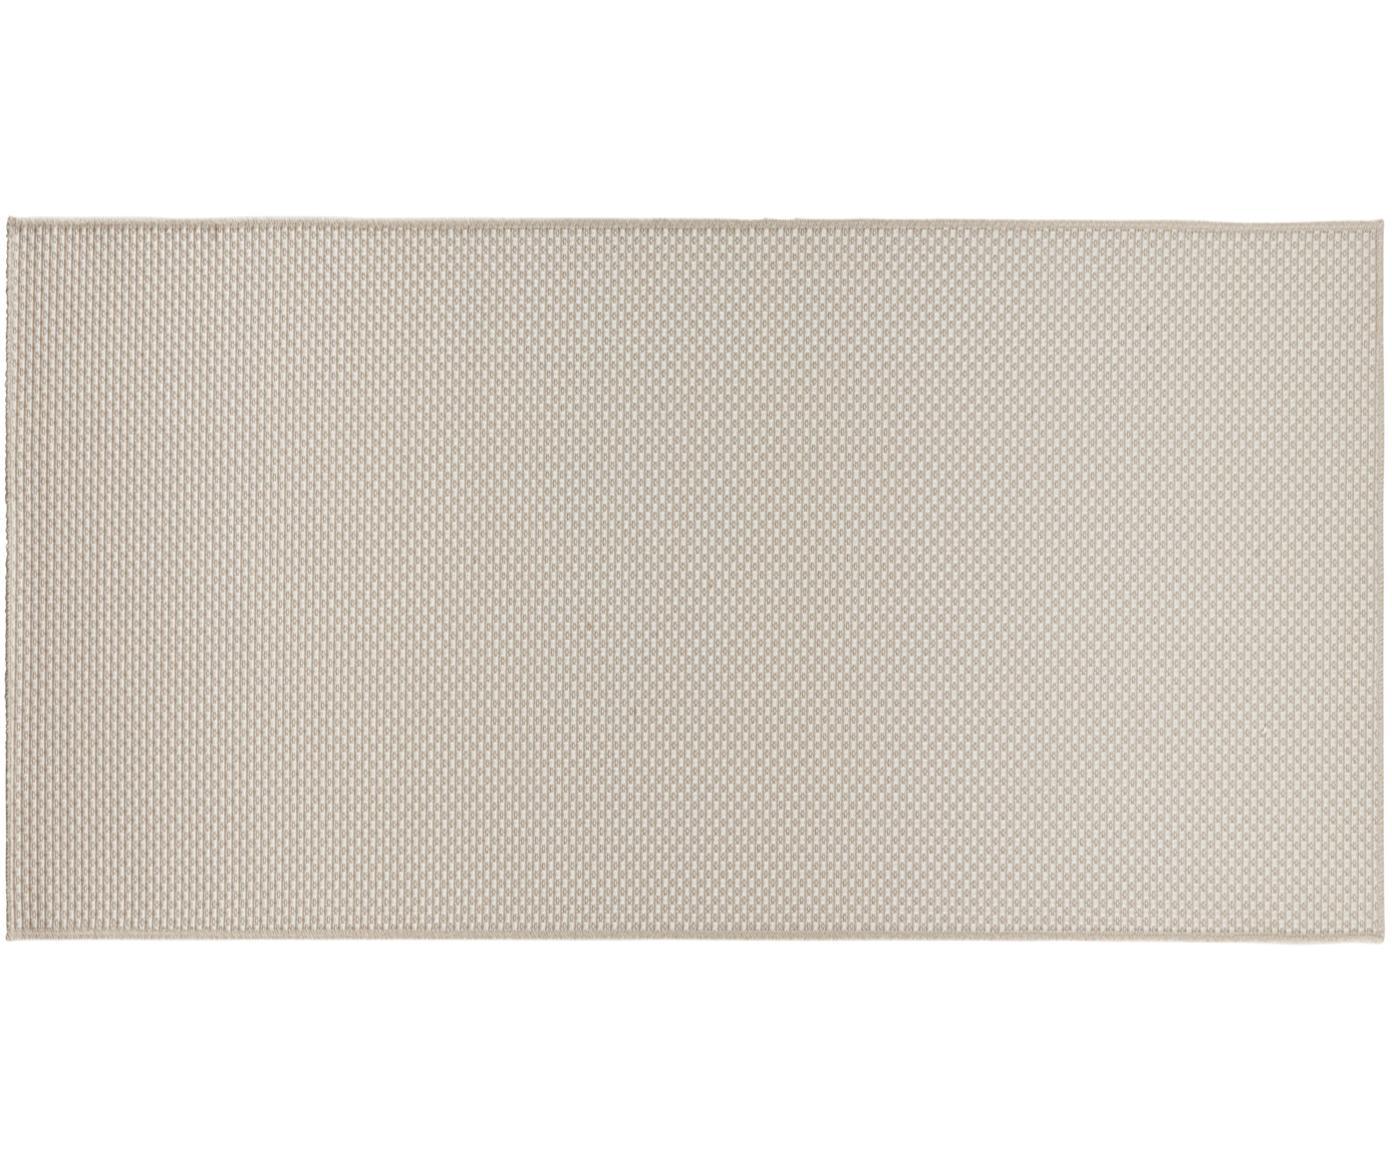 In- & Outdoor-Teppich Nala in Sisal-Optik, Elfenbeinfarben, B 80 x L 150 cm (Größe XS)